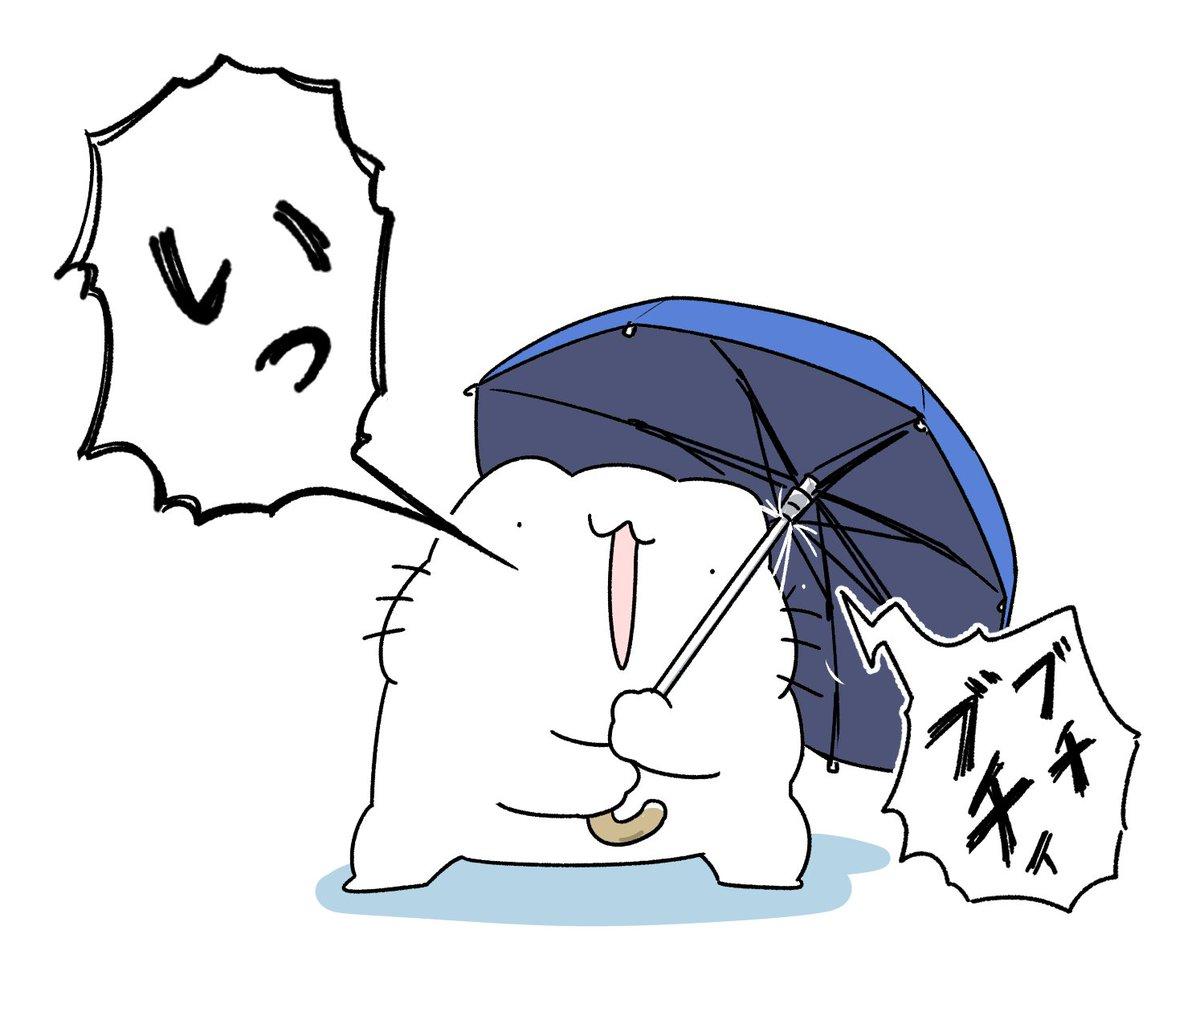 傘の骨組みのところに頭つけてると毛がブチブチ抜ける